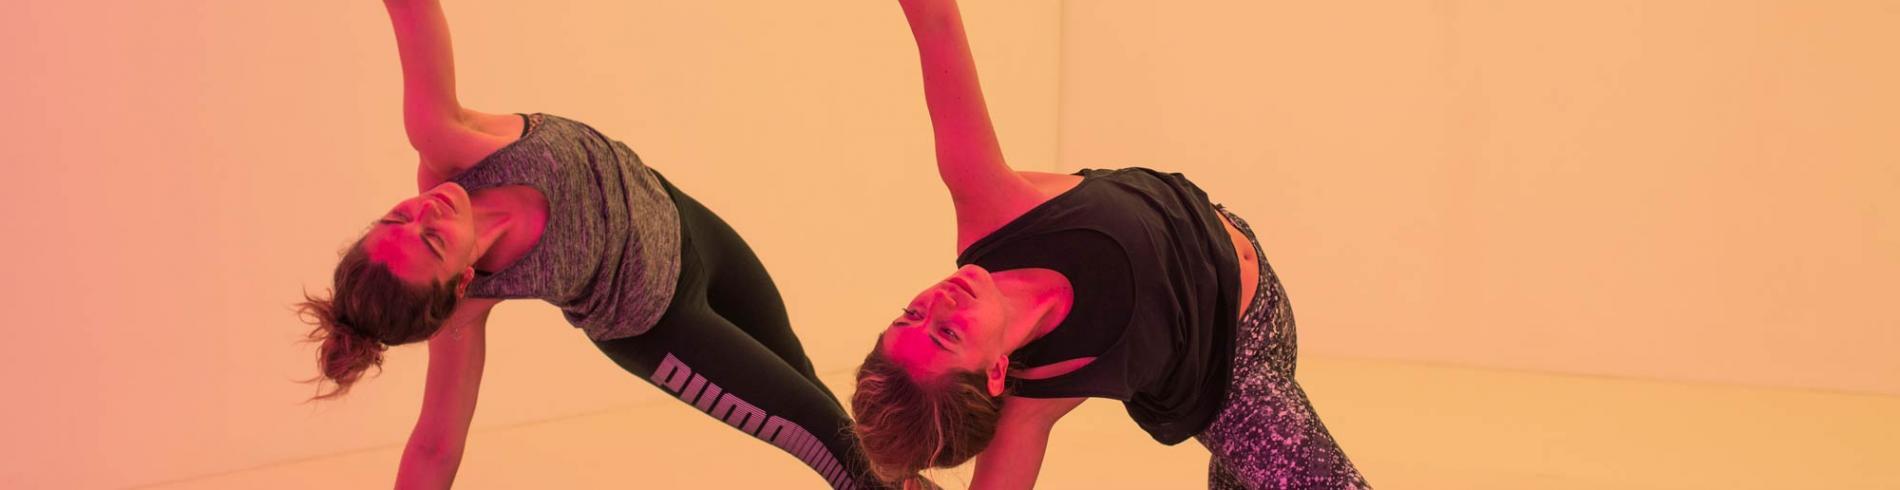 Two women practice yoga at Chroma Yoga